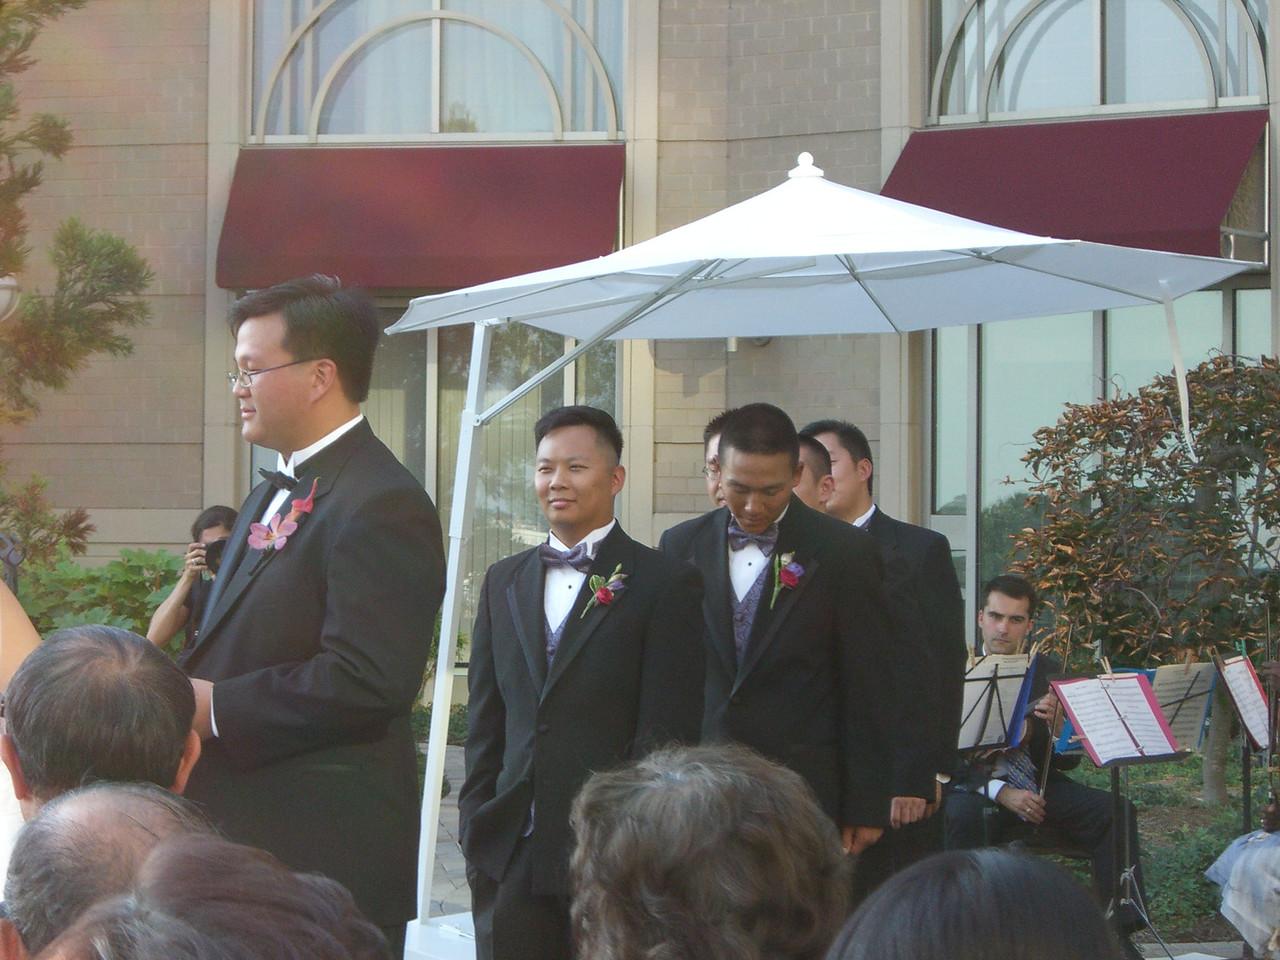 Ceremony - Groom's party